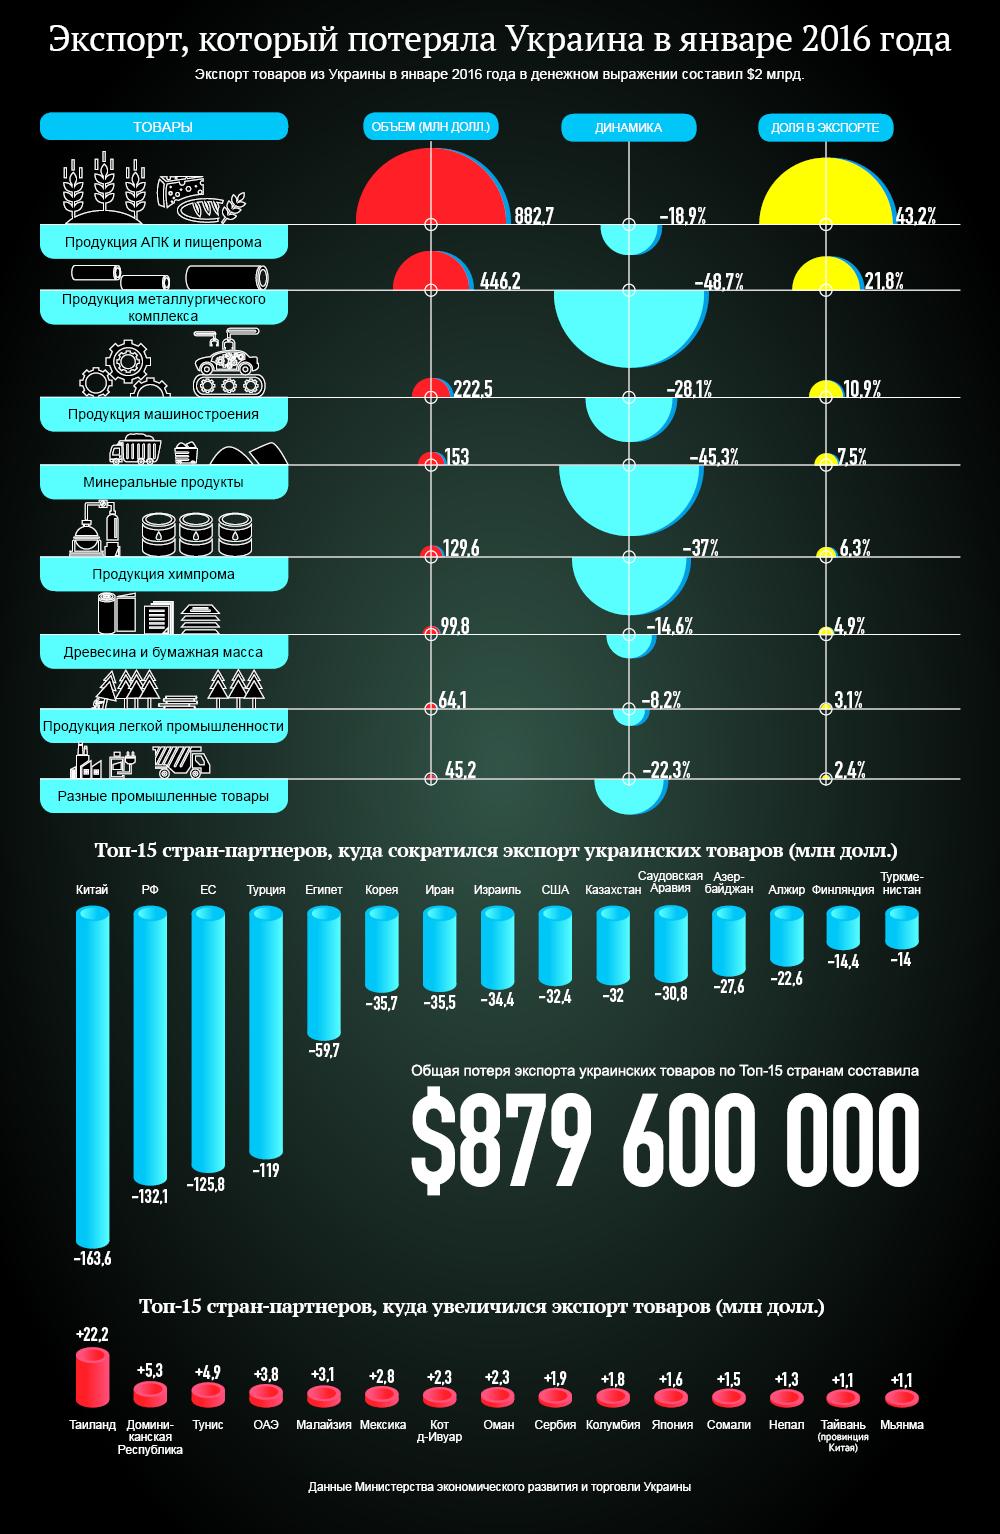 Потери от падения экспорта в Украине. Инфографика